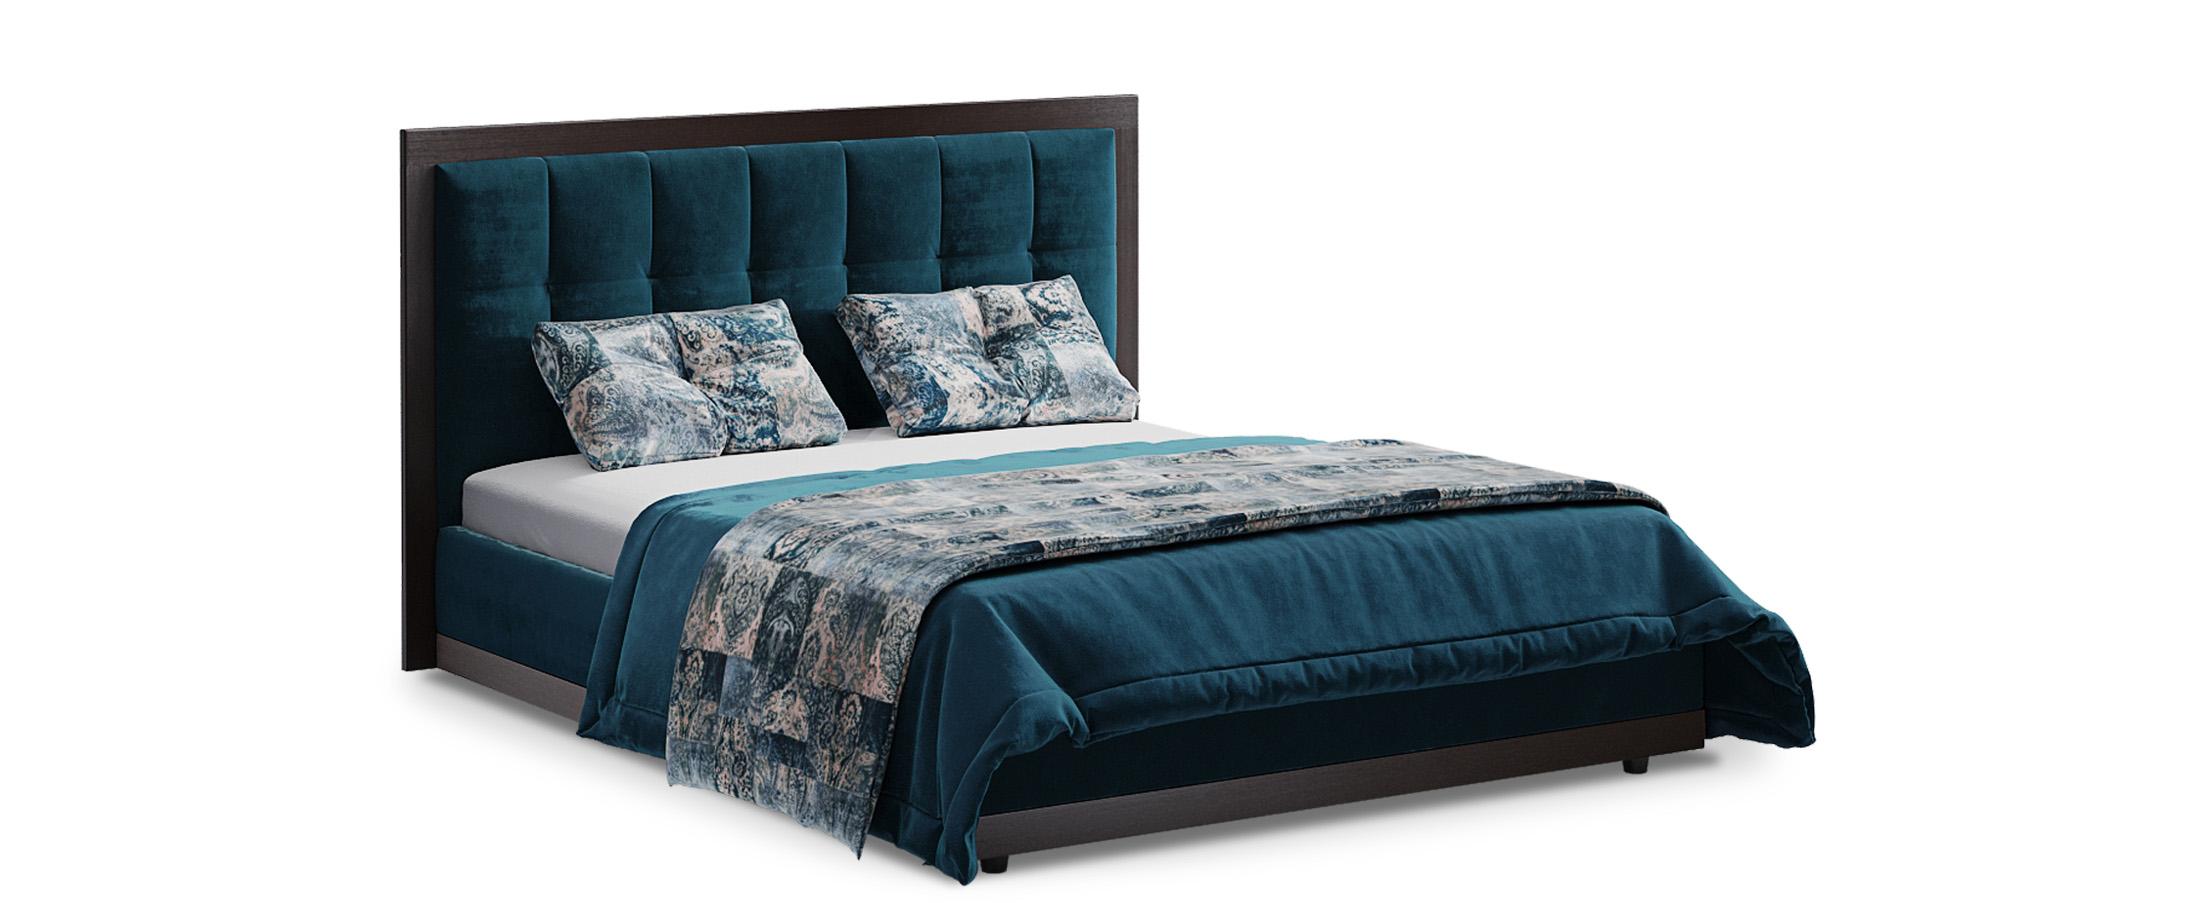 Кровать двуспальная MOON 1015Кровать с основанием MOON 1015. Спальное место 160х200. Продуманный до мелочей дизайн кровати прекрасно подойдет для любого интерьера.<br><br>Ширина см: 186<br>Глубина см: 212<br>Высота см: 118<br>Ширина спального места см: 160<br>Длина спального места см: 200<br>Цвет: Синий<br>Материал каркаса: ЛДСП<br>Материал обивки: Велюр<br>Цвет декора: Венге<br>Подъемный механизм: Нет<br>Встроенное основание: Есть<br>Код ткани: 36-160<br>Бренд: MOON